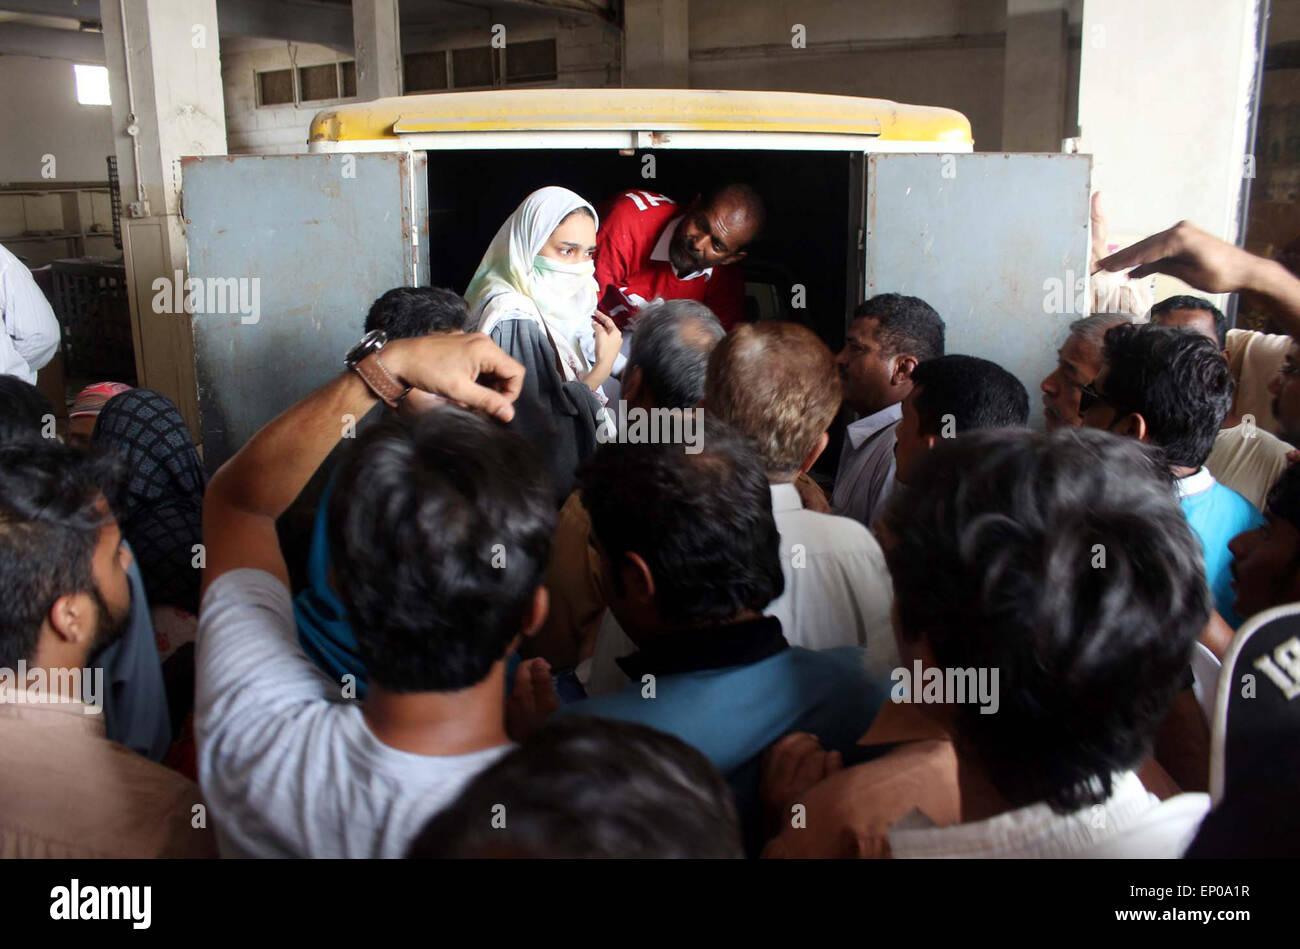 Sauvetage de fonctionnaires du corps mort d'ex Muttahida Qaumi Movement (MQM) Activiste Saulat Mirza dans une ambulance pour un stockage froid Edhi qui a été pendu à la prison de Mach, mardi, dans une affaire de meurtre triple a été dit d'être calme et composé à l'échafaud, à l'Aéroport International Jinnah à Karachi le mardi 12 mai, 2015. Ancien Muttahida Qaumi Movement (MQM) Activiste Saulat Mirza a été exécuté aujourd'hui matin à 4 h 30, de l'assassinat de l'ancien directeur général de la société KESC Shahid Hamid, son chauffeur et garde côtière canadienne en 1997. Banque D'Images